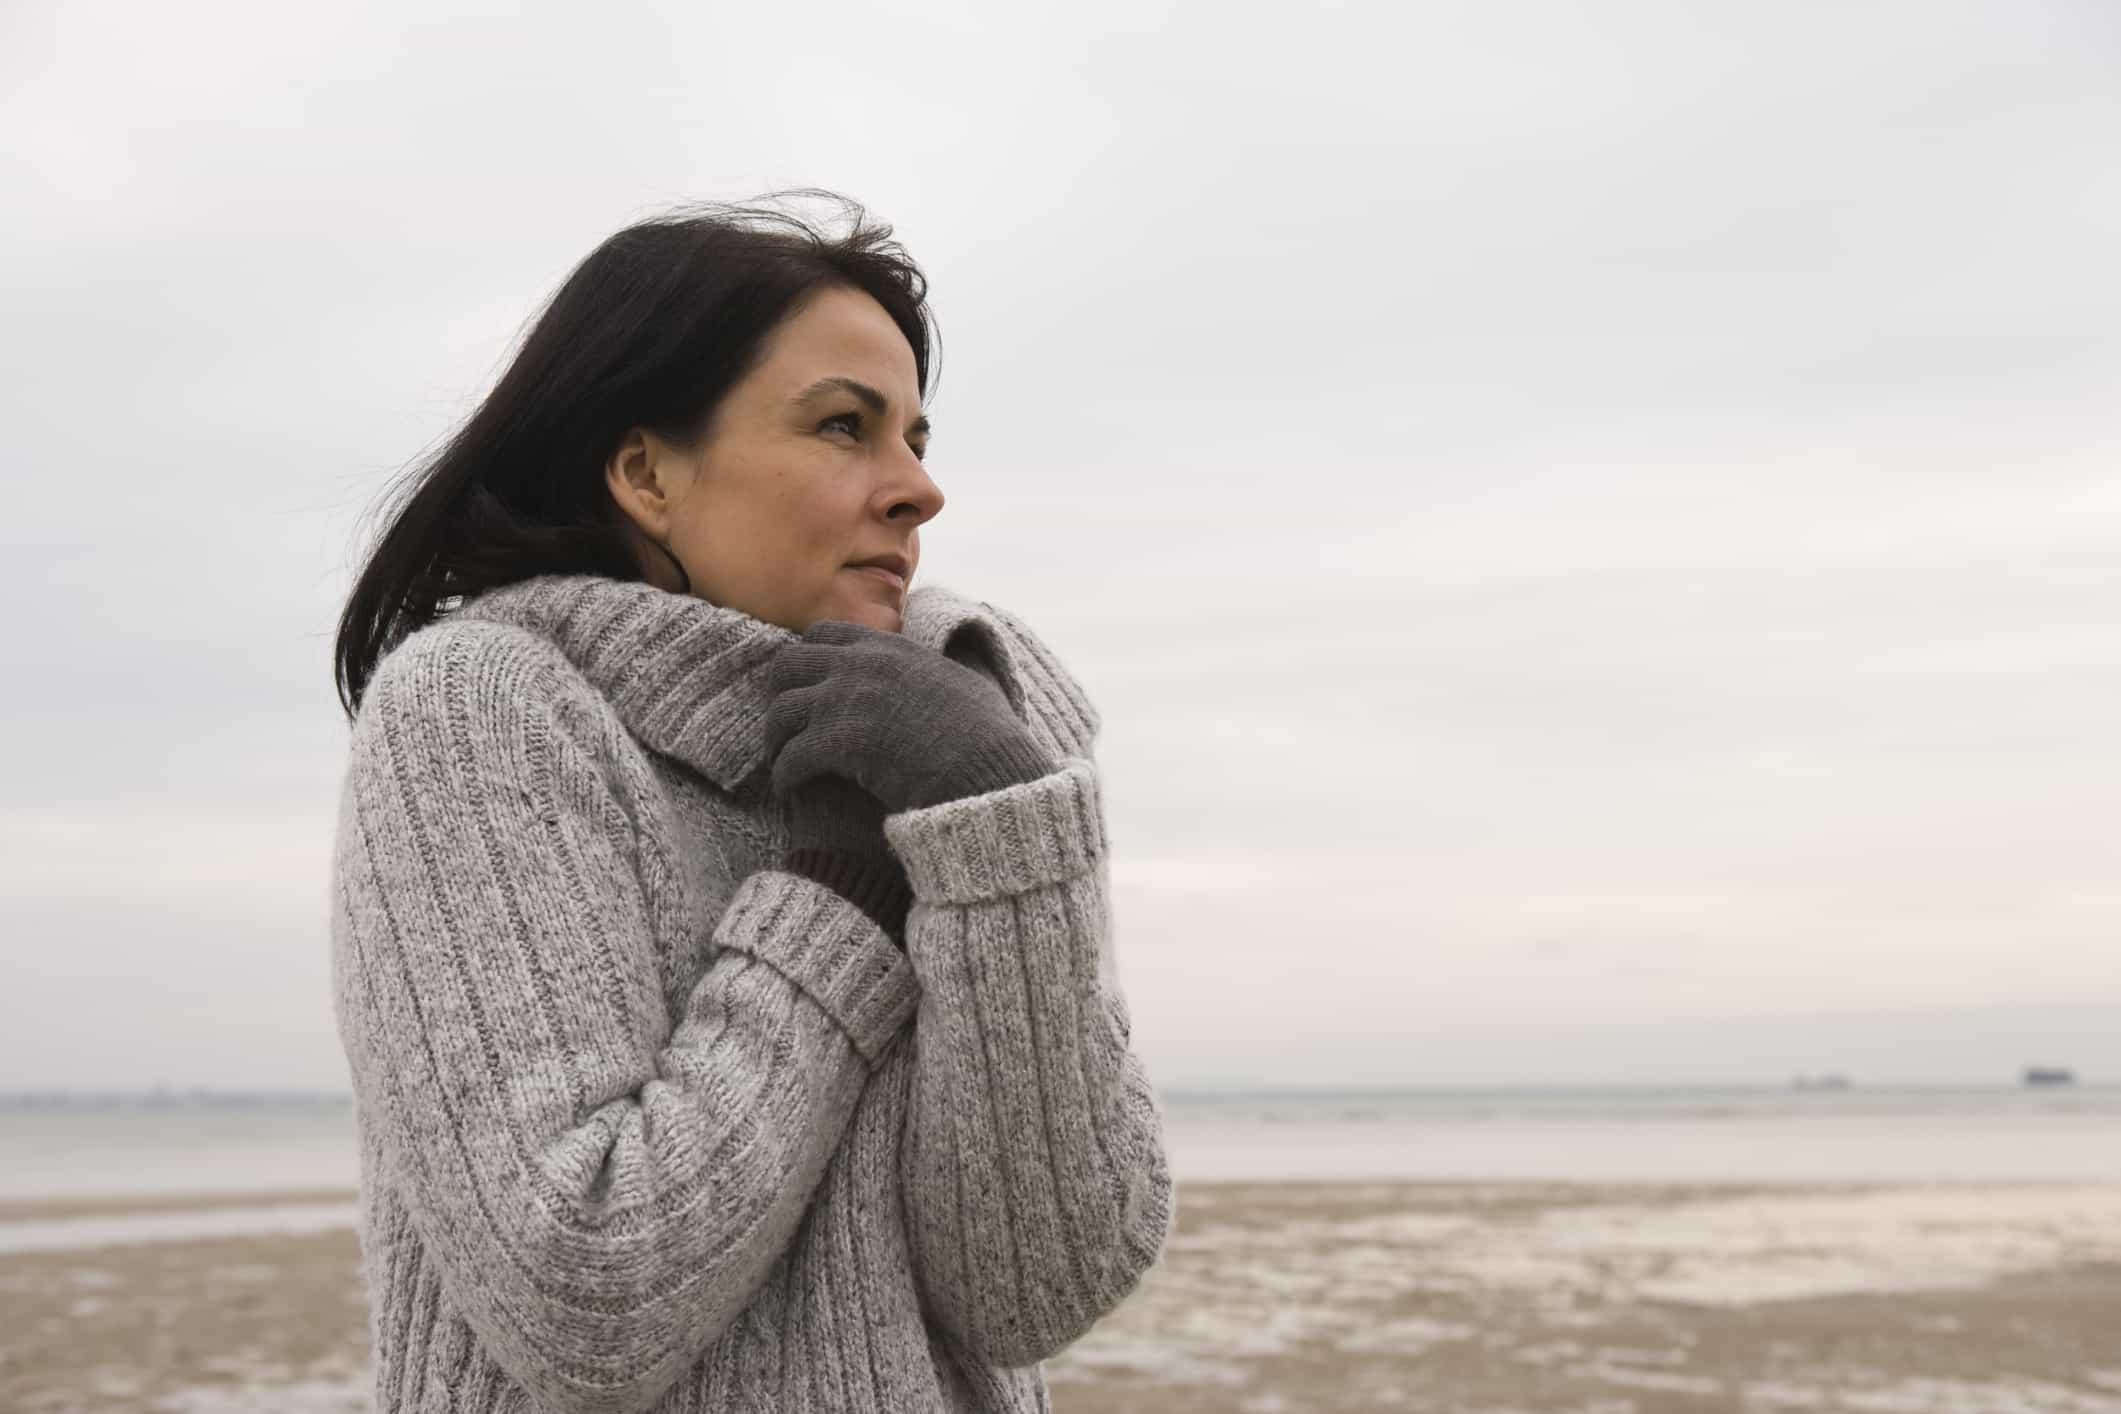 Длительное прибывание на холоде повышает риск образования кисты щитовидной железы